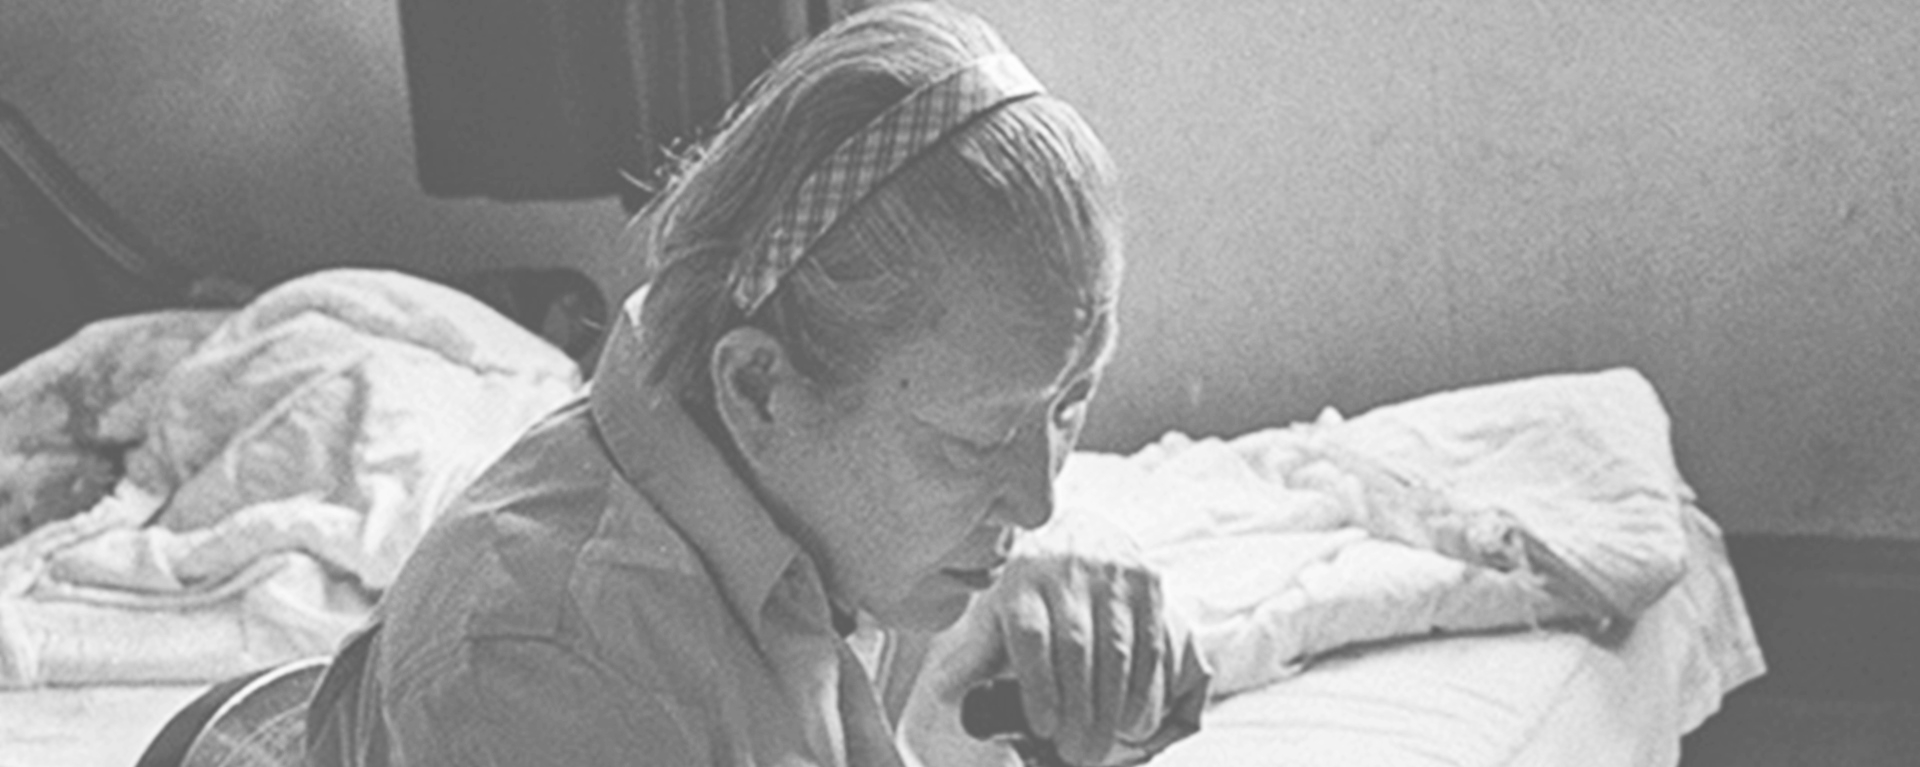 [포토에세이] 역사의 뒤안길에서 만난 조선인 피해자들 04. 박우득 이야기 - 평생을 위안소에 갇힌 삶